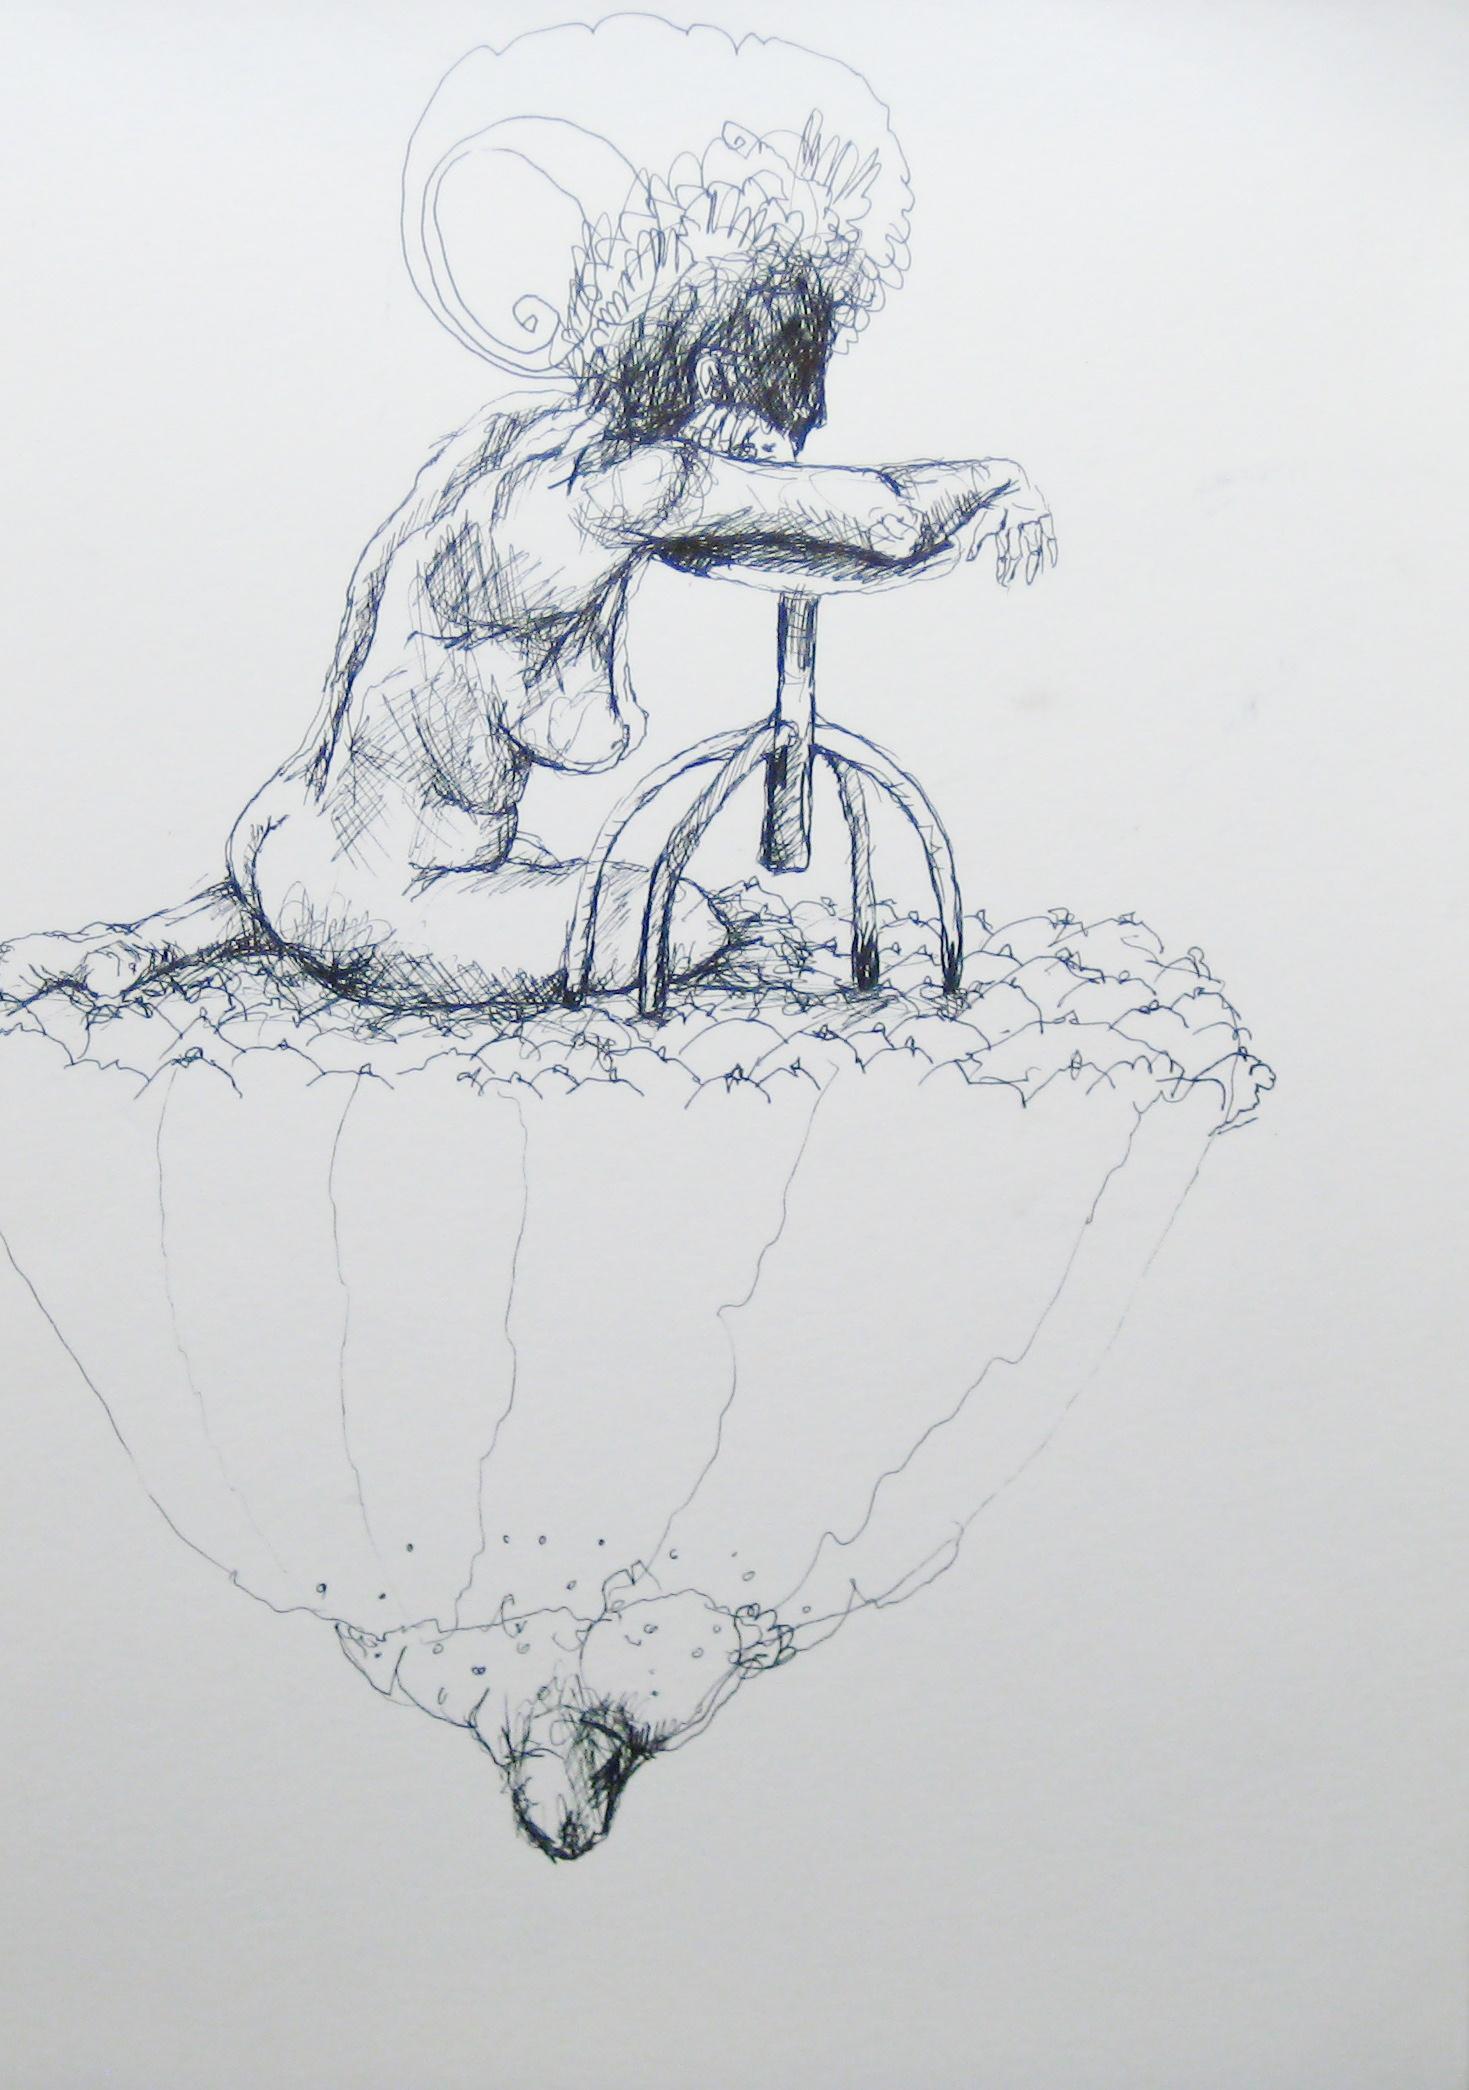 2012-Zeichnung-Sex-16-brust-nachdenklich-nackt-Luisa-Pohlmann-Kunst-Berlin